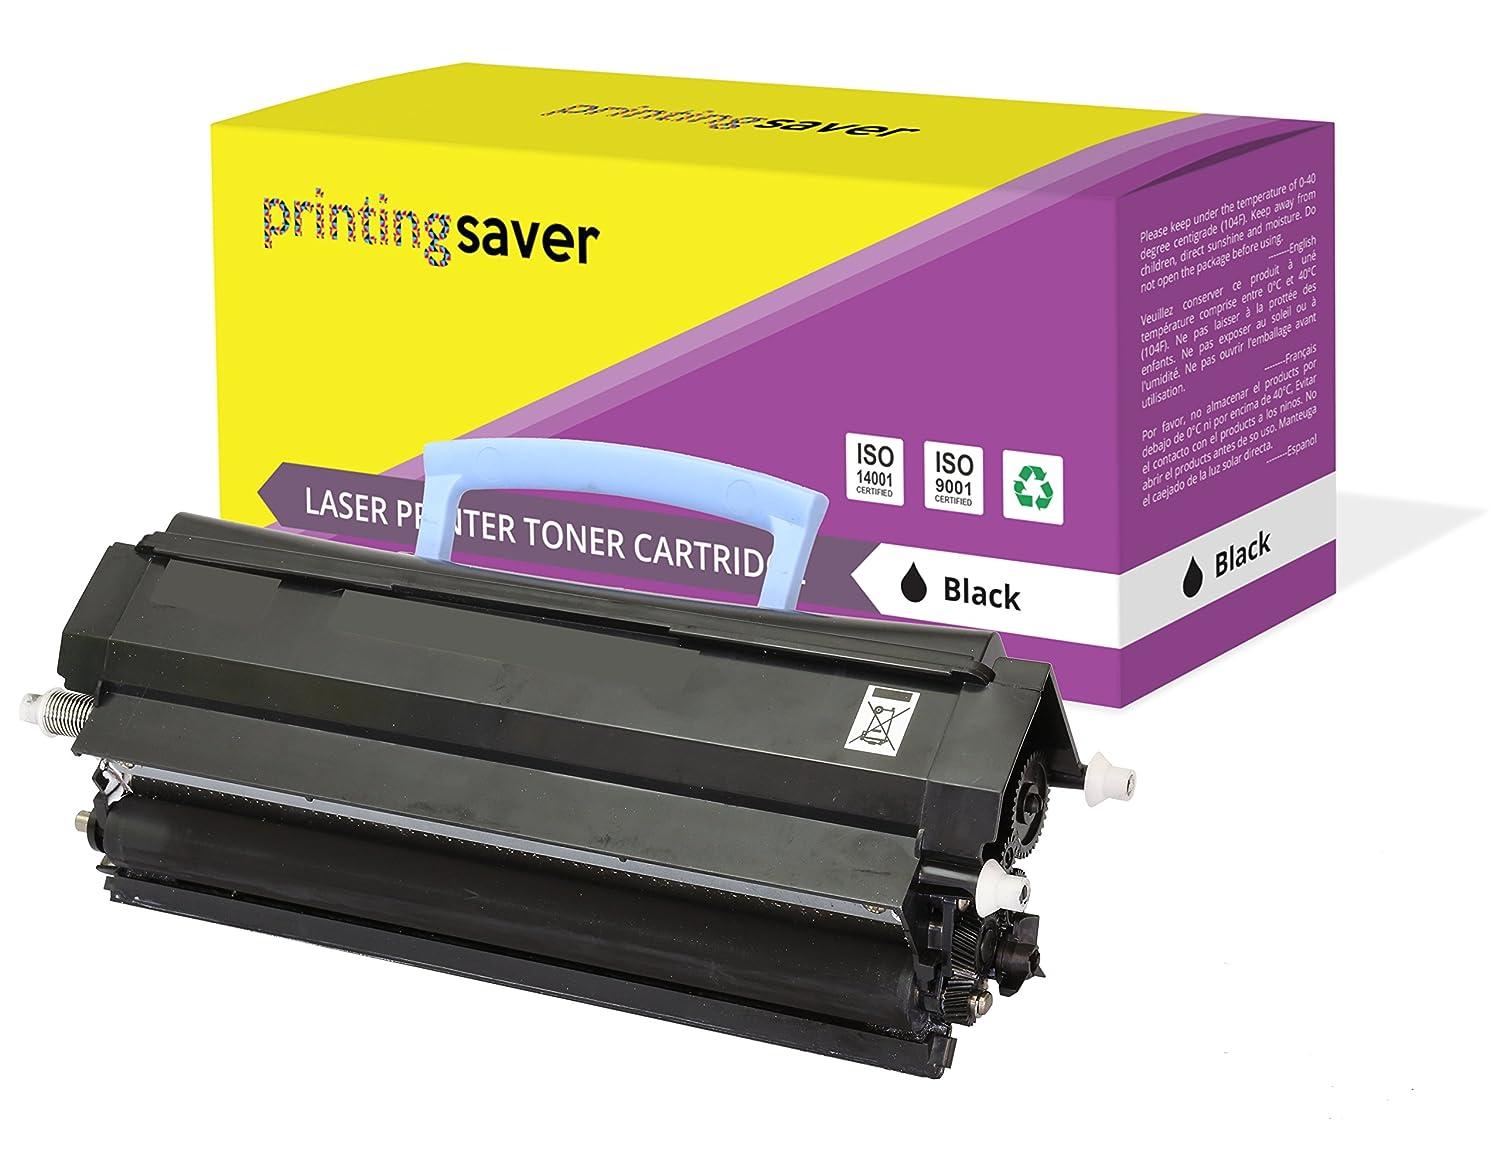 Negro Tóner Compatible para DELL 1700, 1700n, 1710, 1710n, InfoPrint 1412, 1412n, 1512, 1512n impresoras